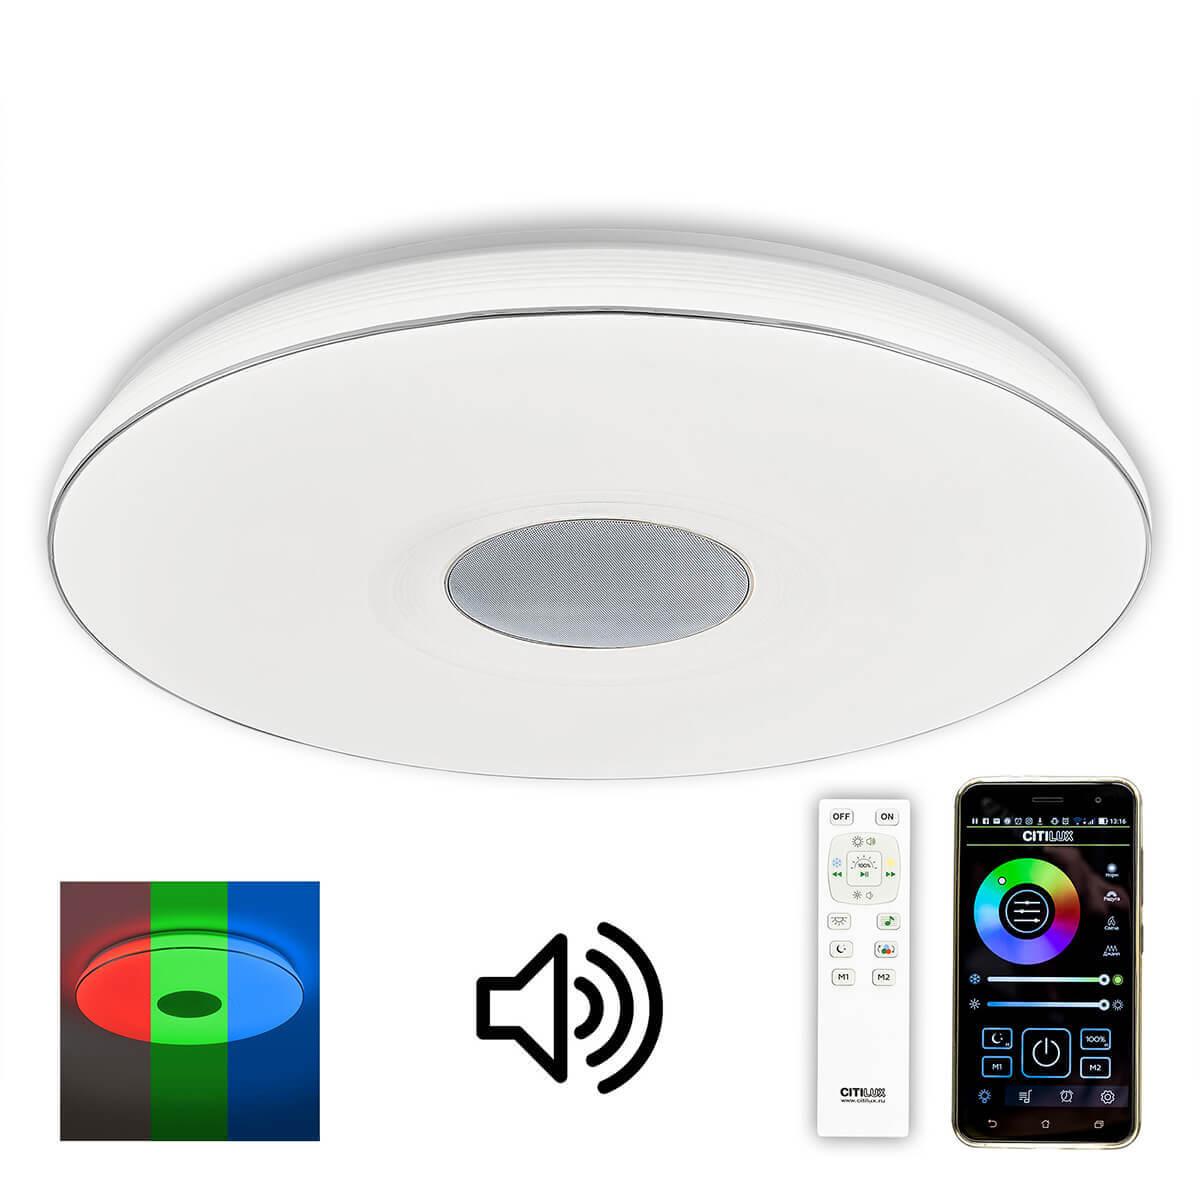 Светильник Citilux CL703M101 Light Music (Воспроизводит музыку (Bluetooth))